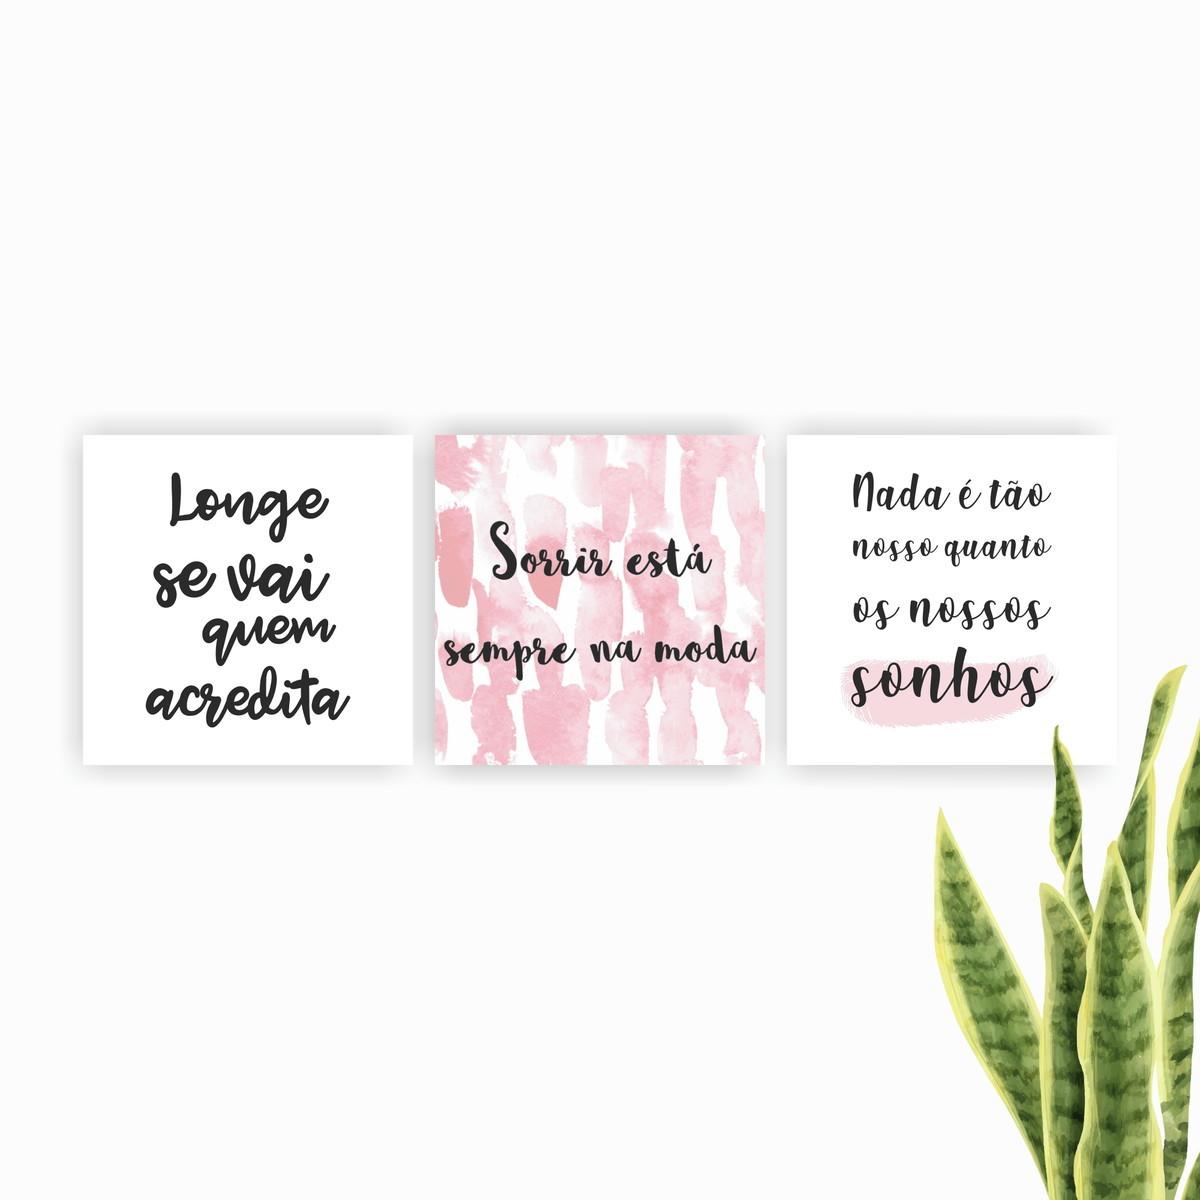 Placas Com Frases No Elo7 Quadros E Artes 11c06d3